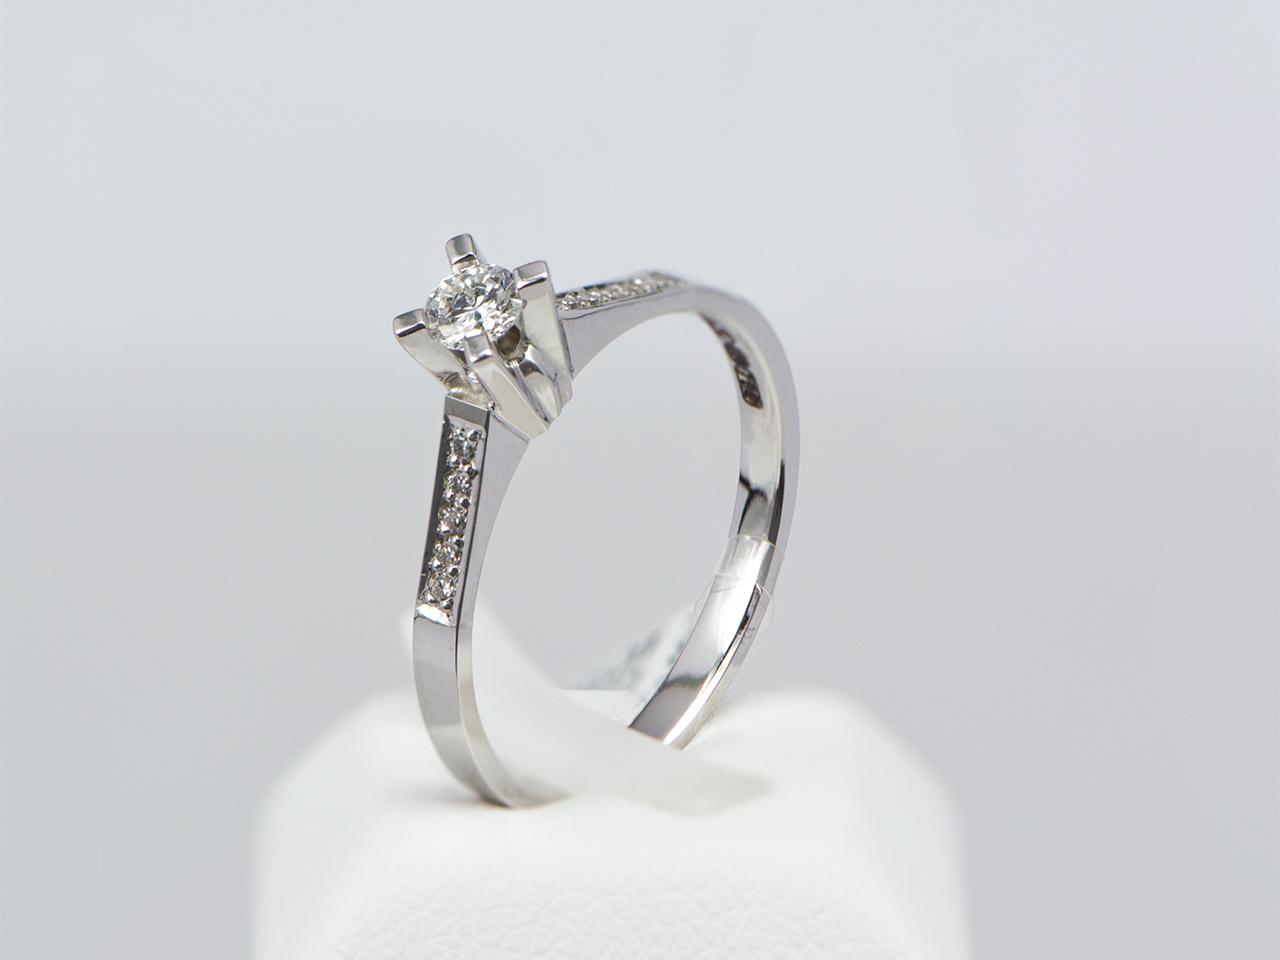 Μονόπετρο δαχτυλίδι λευκόχρυσο Κ18 με διαμάντια  88ef1026af2